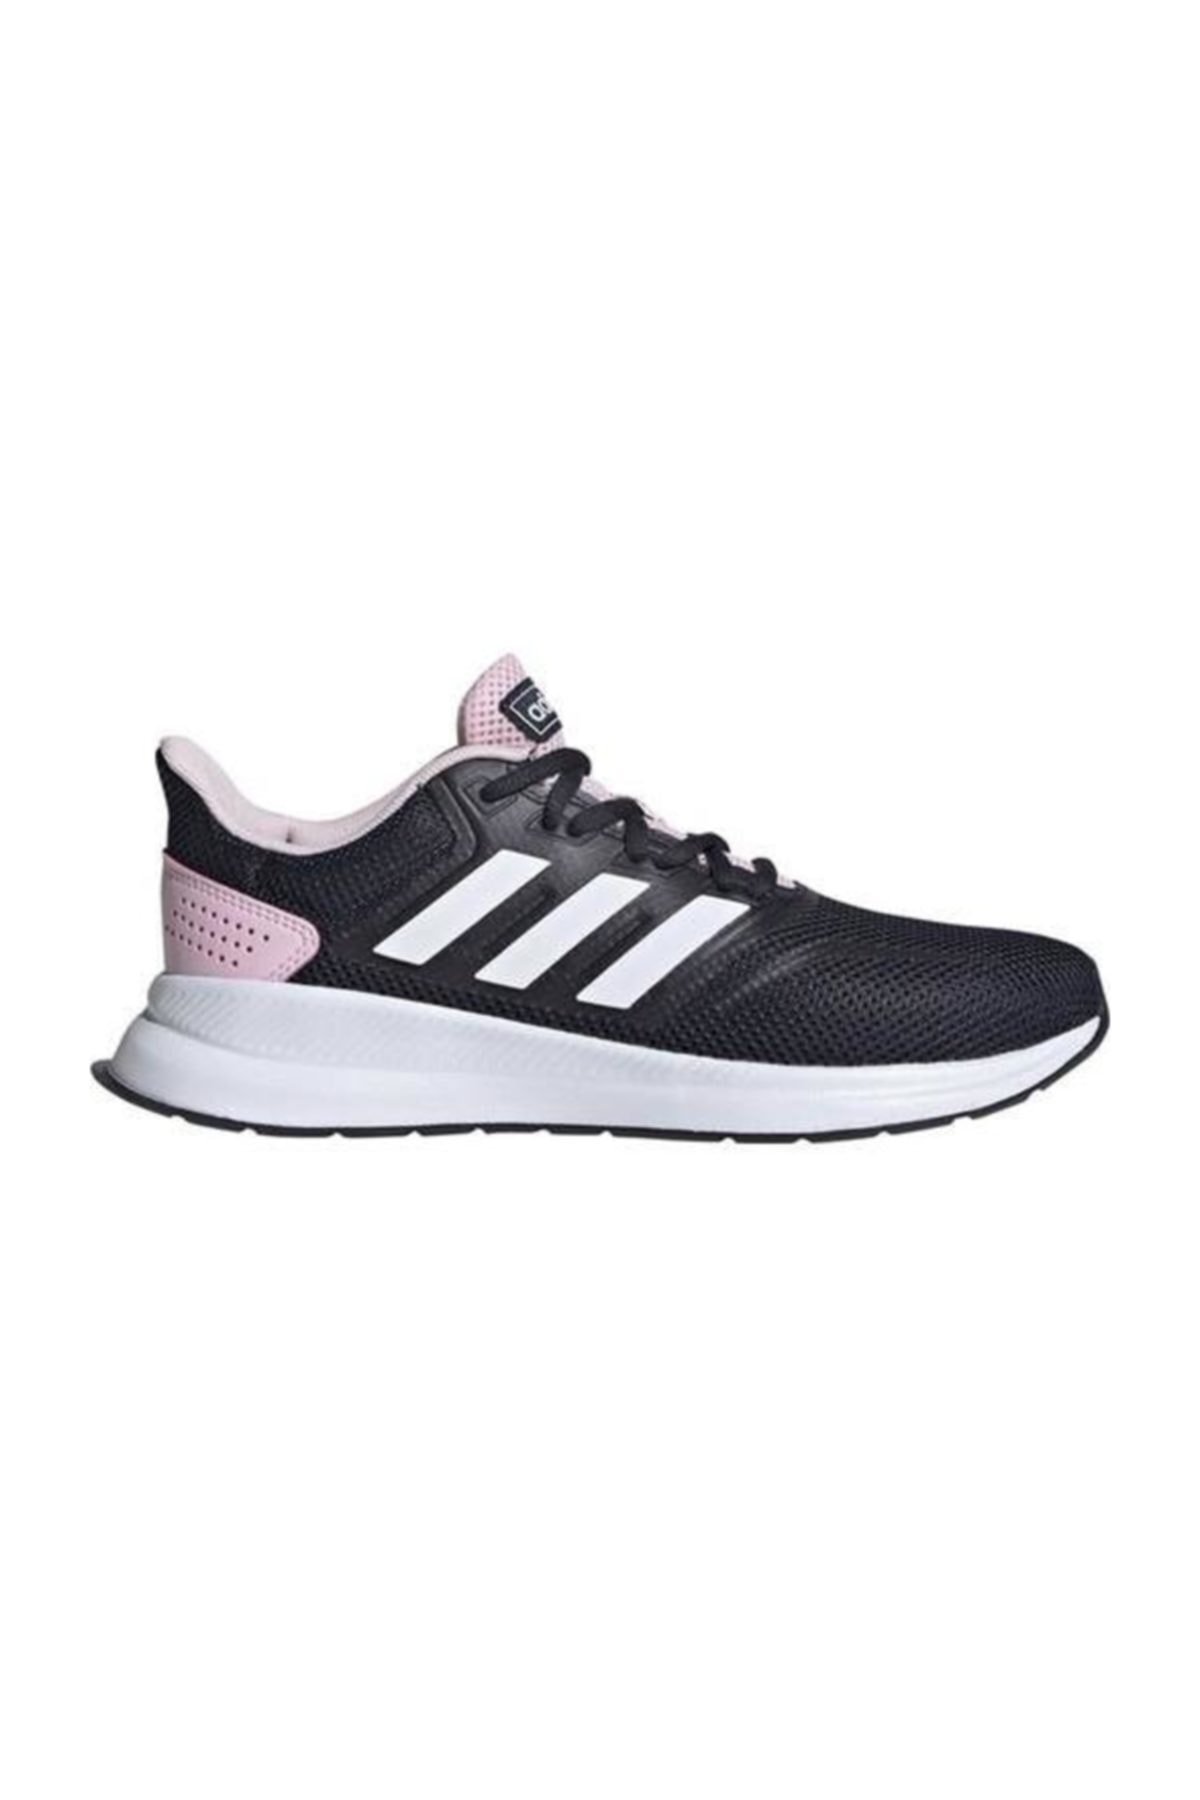 adidas RUNFALCON Kadın Koşu Ayakkabısı 1